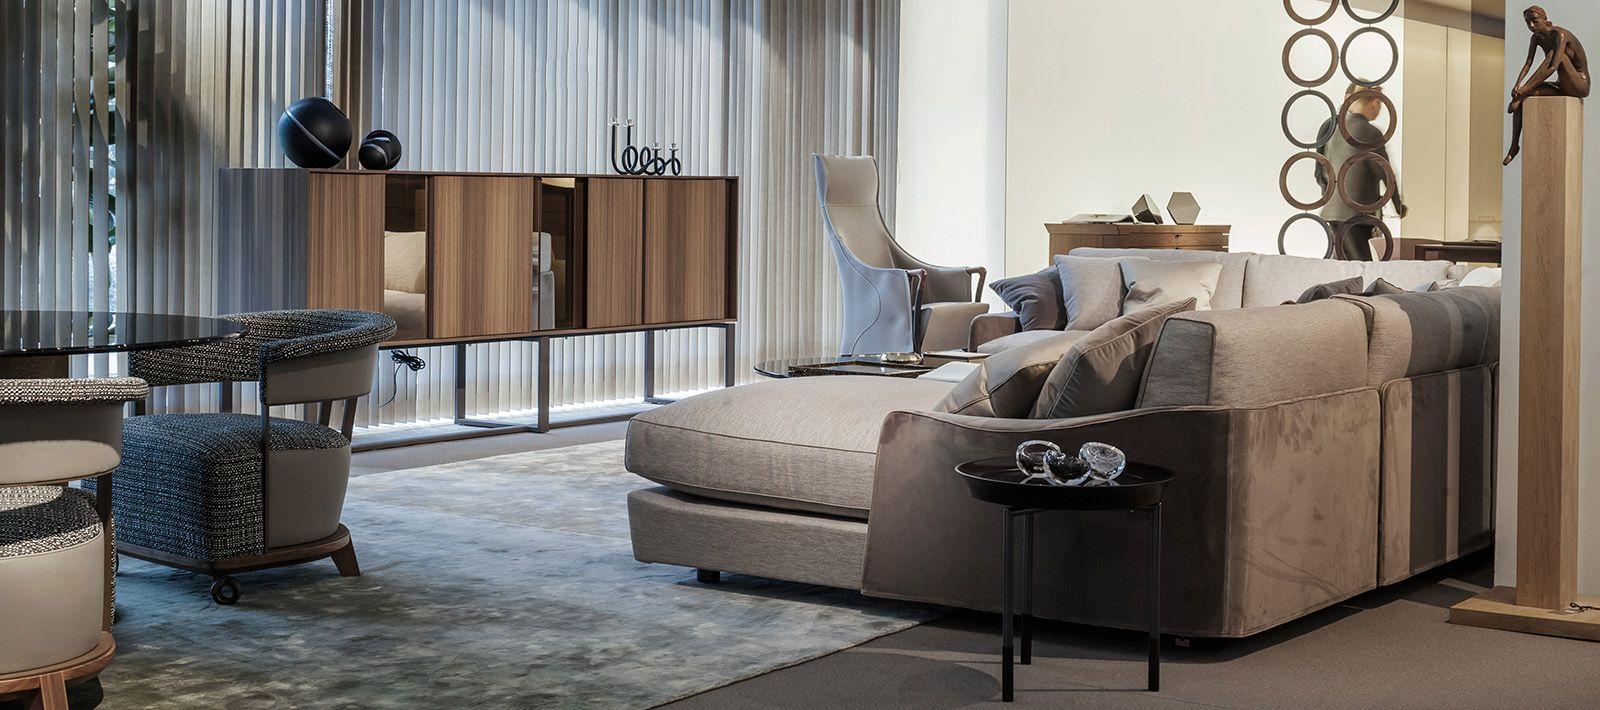 Tutti gli Store Mobili di Design Furniture